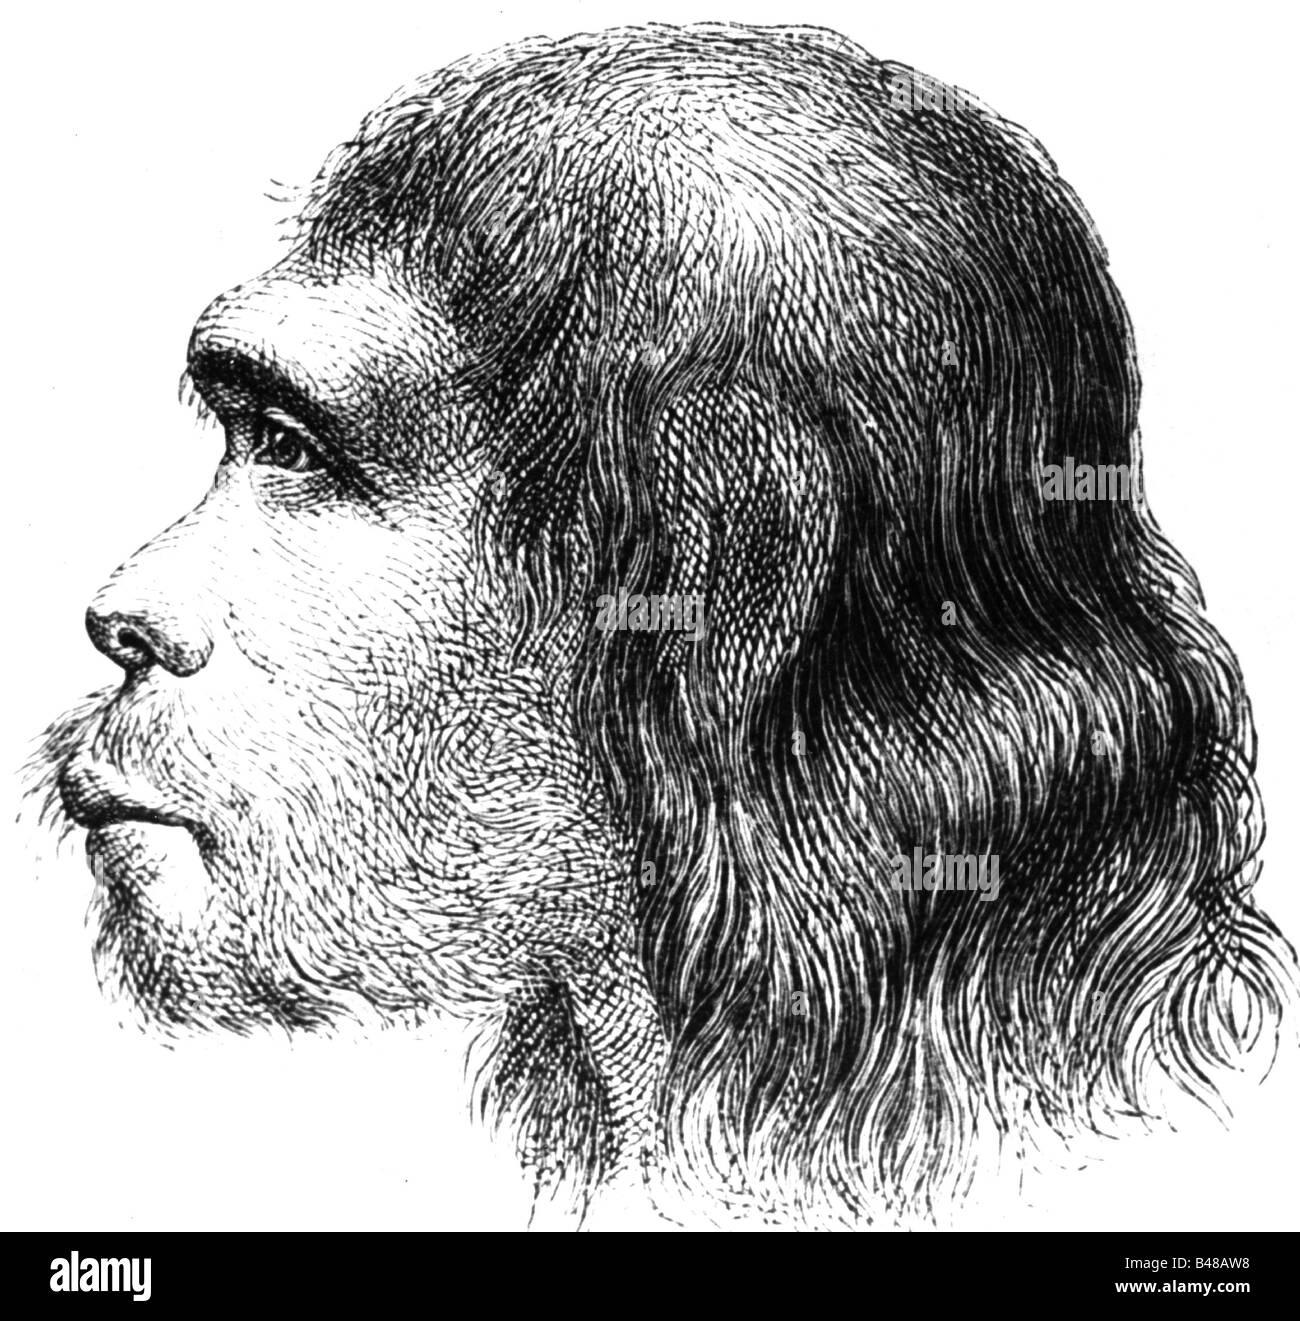 Eon/Vorgeschichte, Menschen, prähistorischen Menschen, Homo sapiens neanderthalensis, Neandertaler, ca. 150000 Stockbild